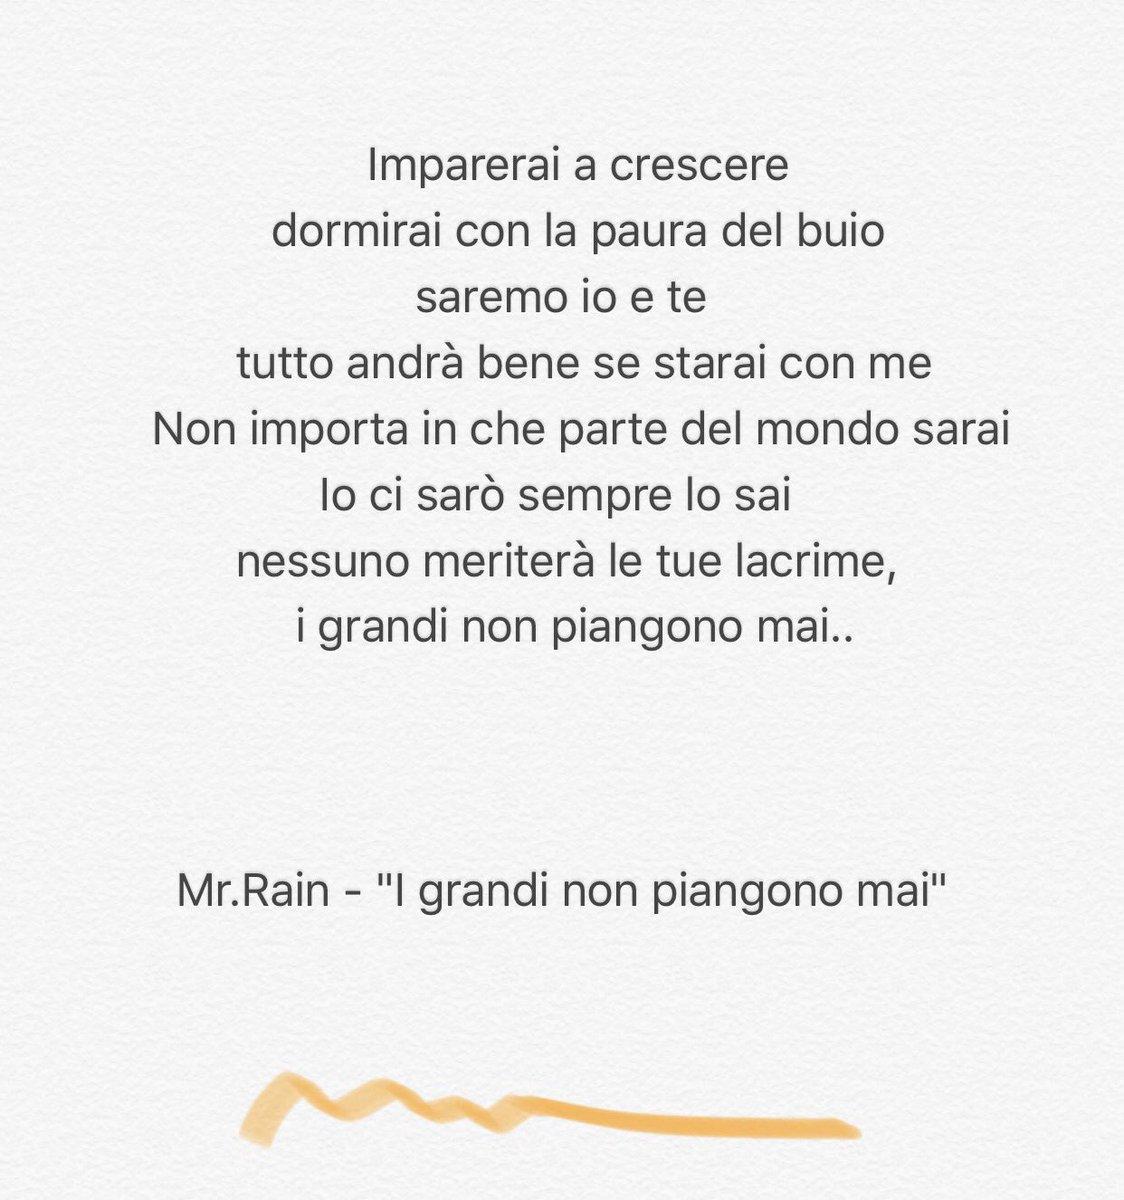 Mr Rain On Twitter Igrandinonpiangonomai